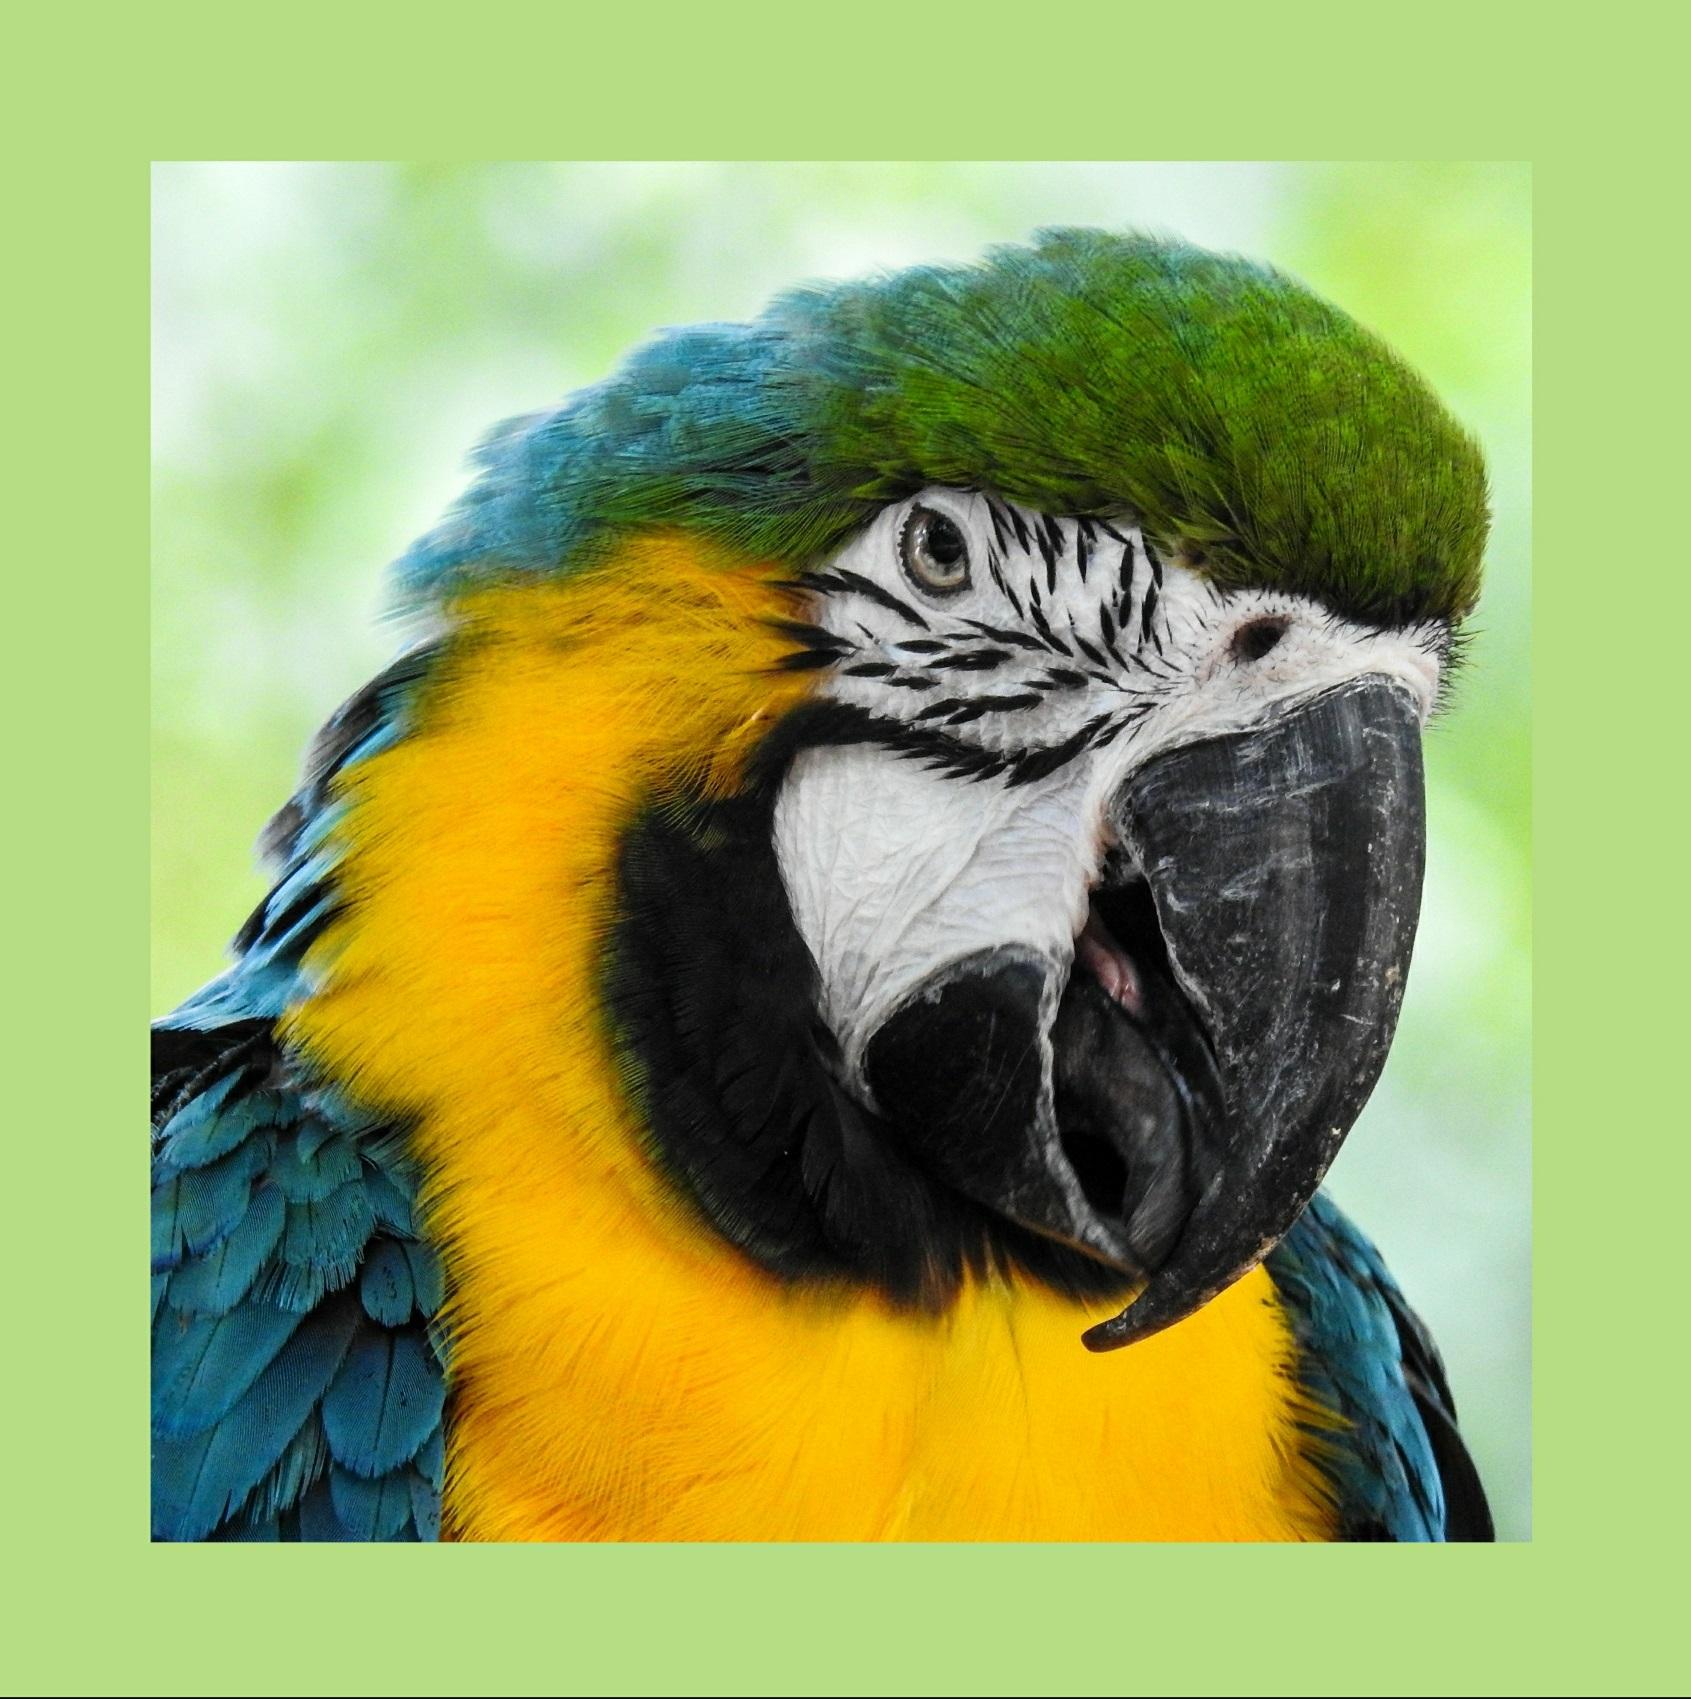 Macaw, Valerie Hosna